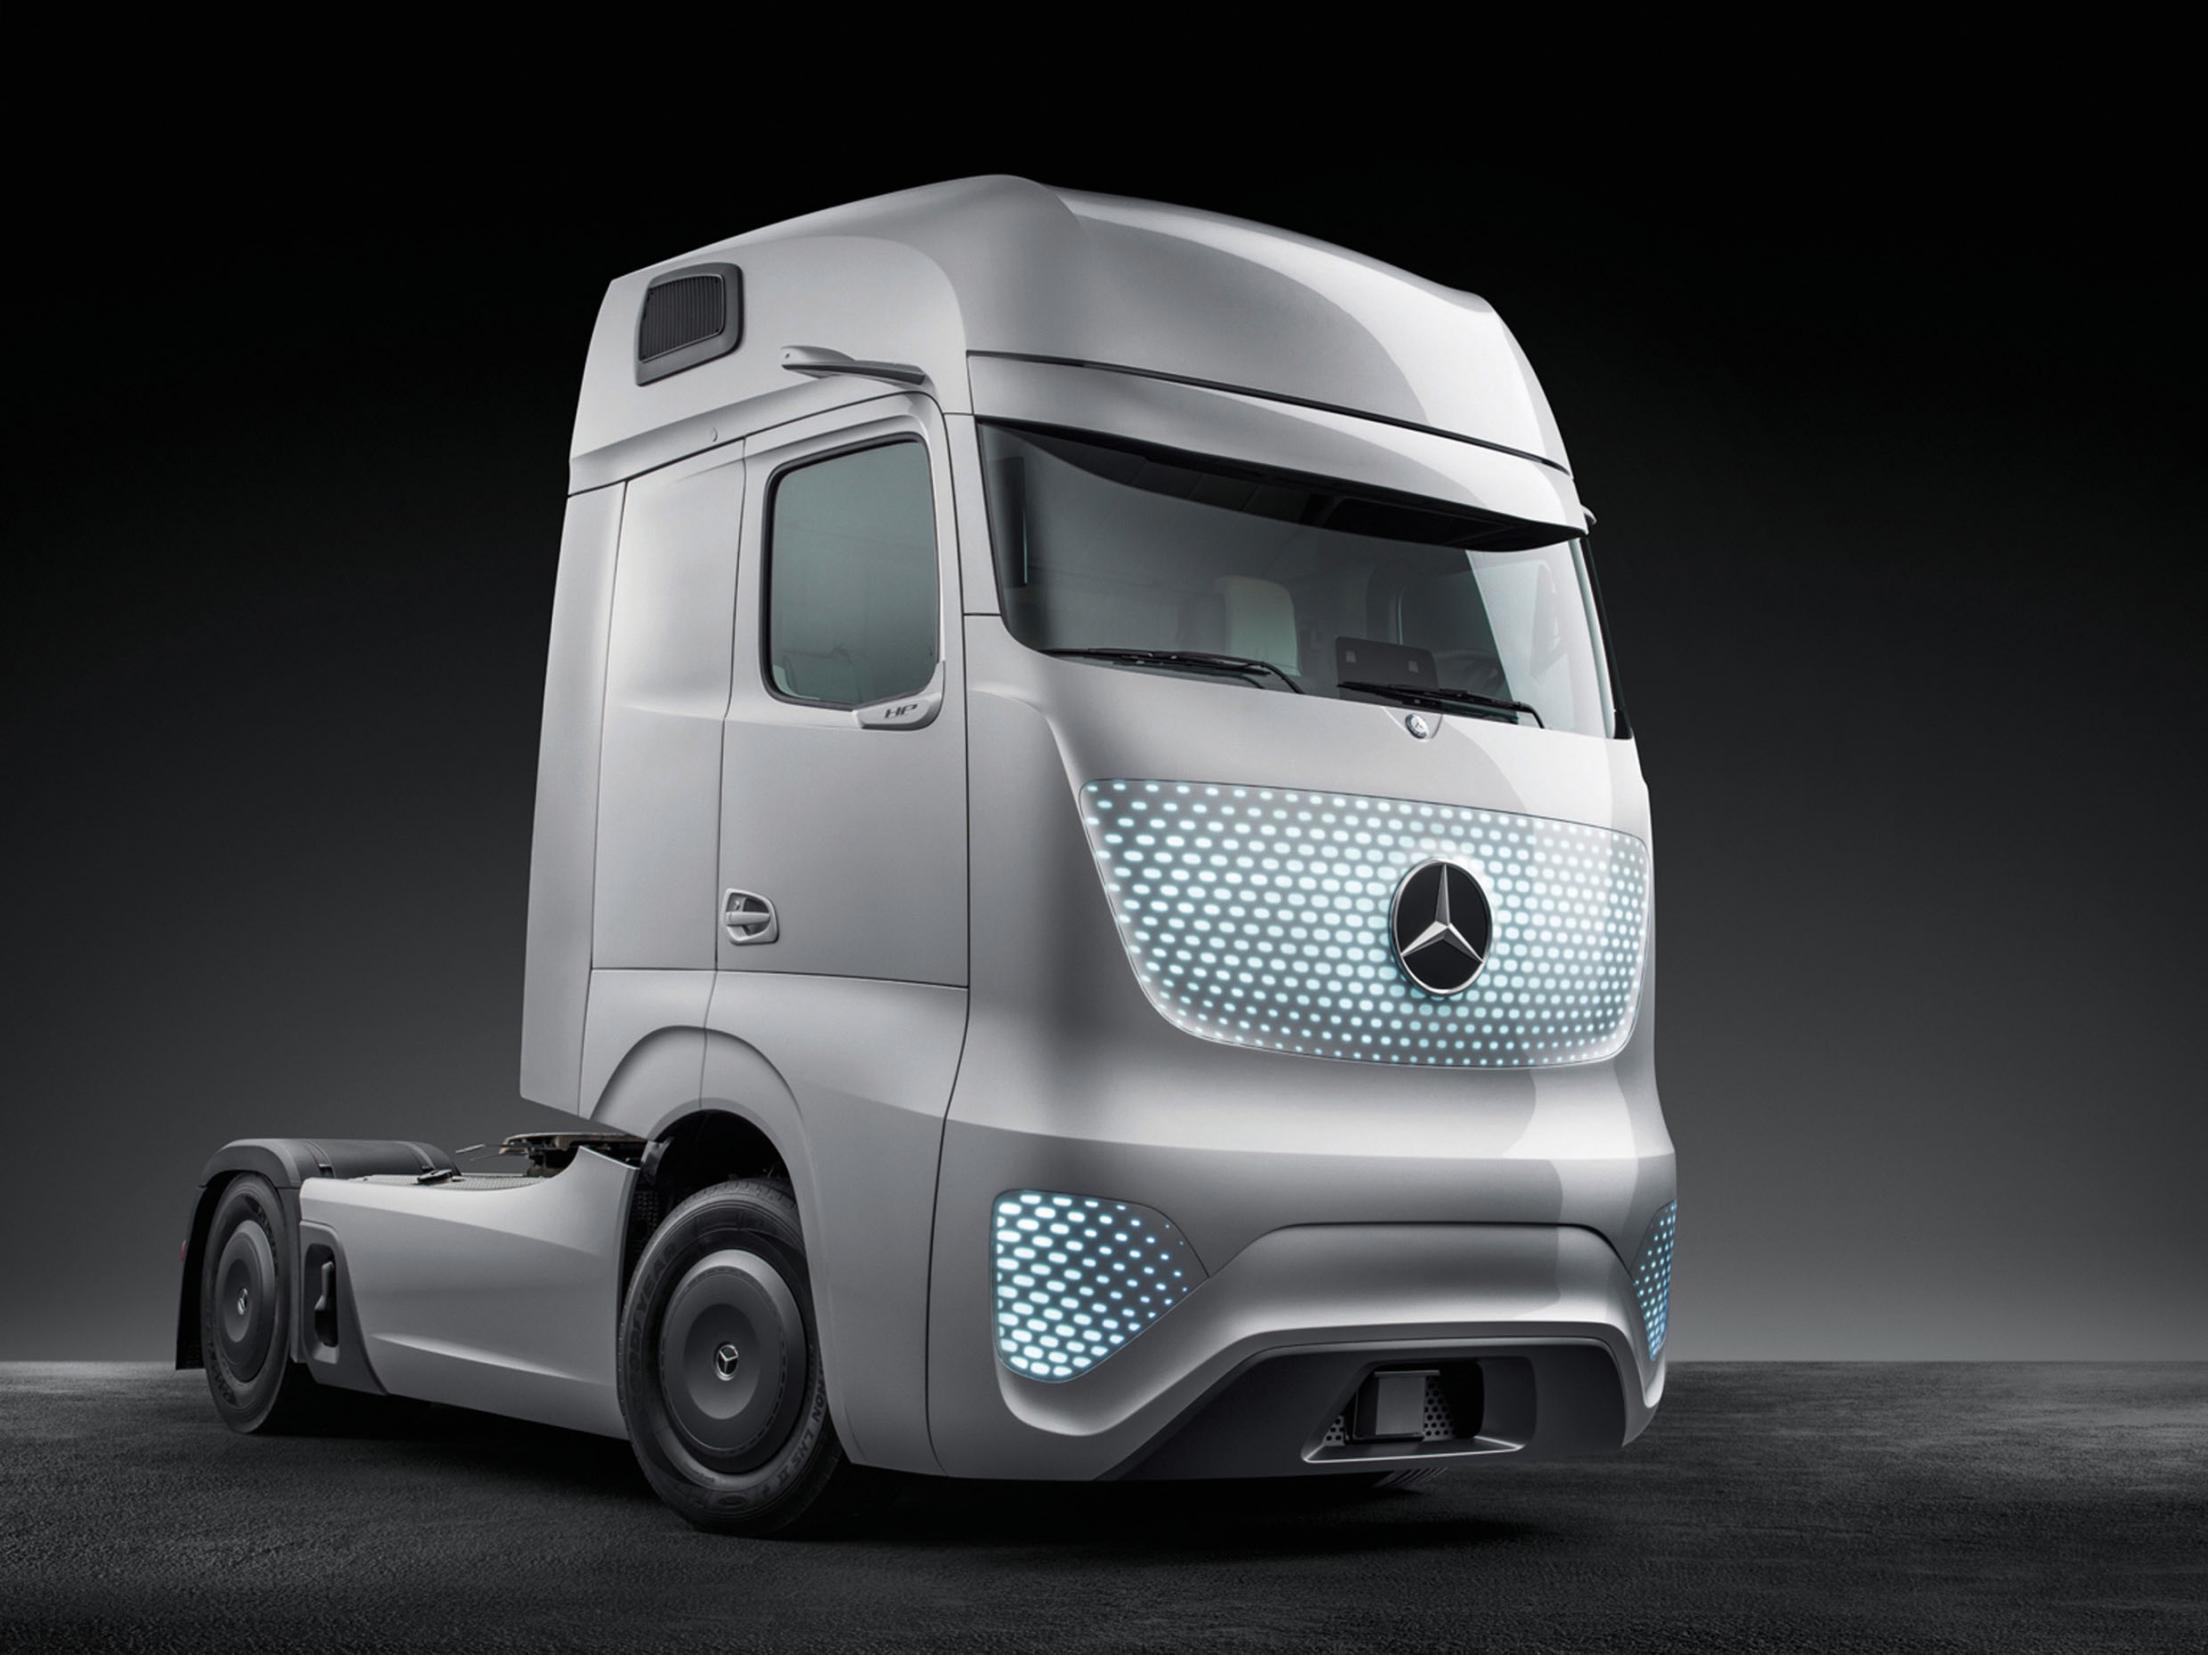 mercedes-benz future truck 2025 - winner transportation